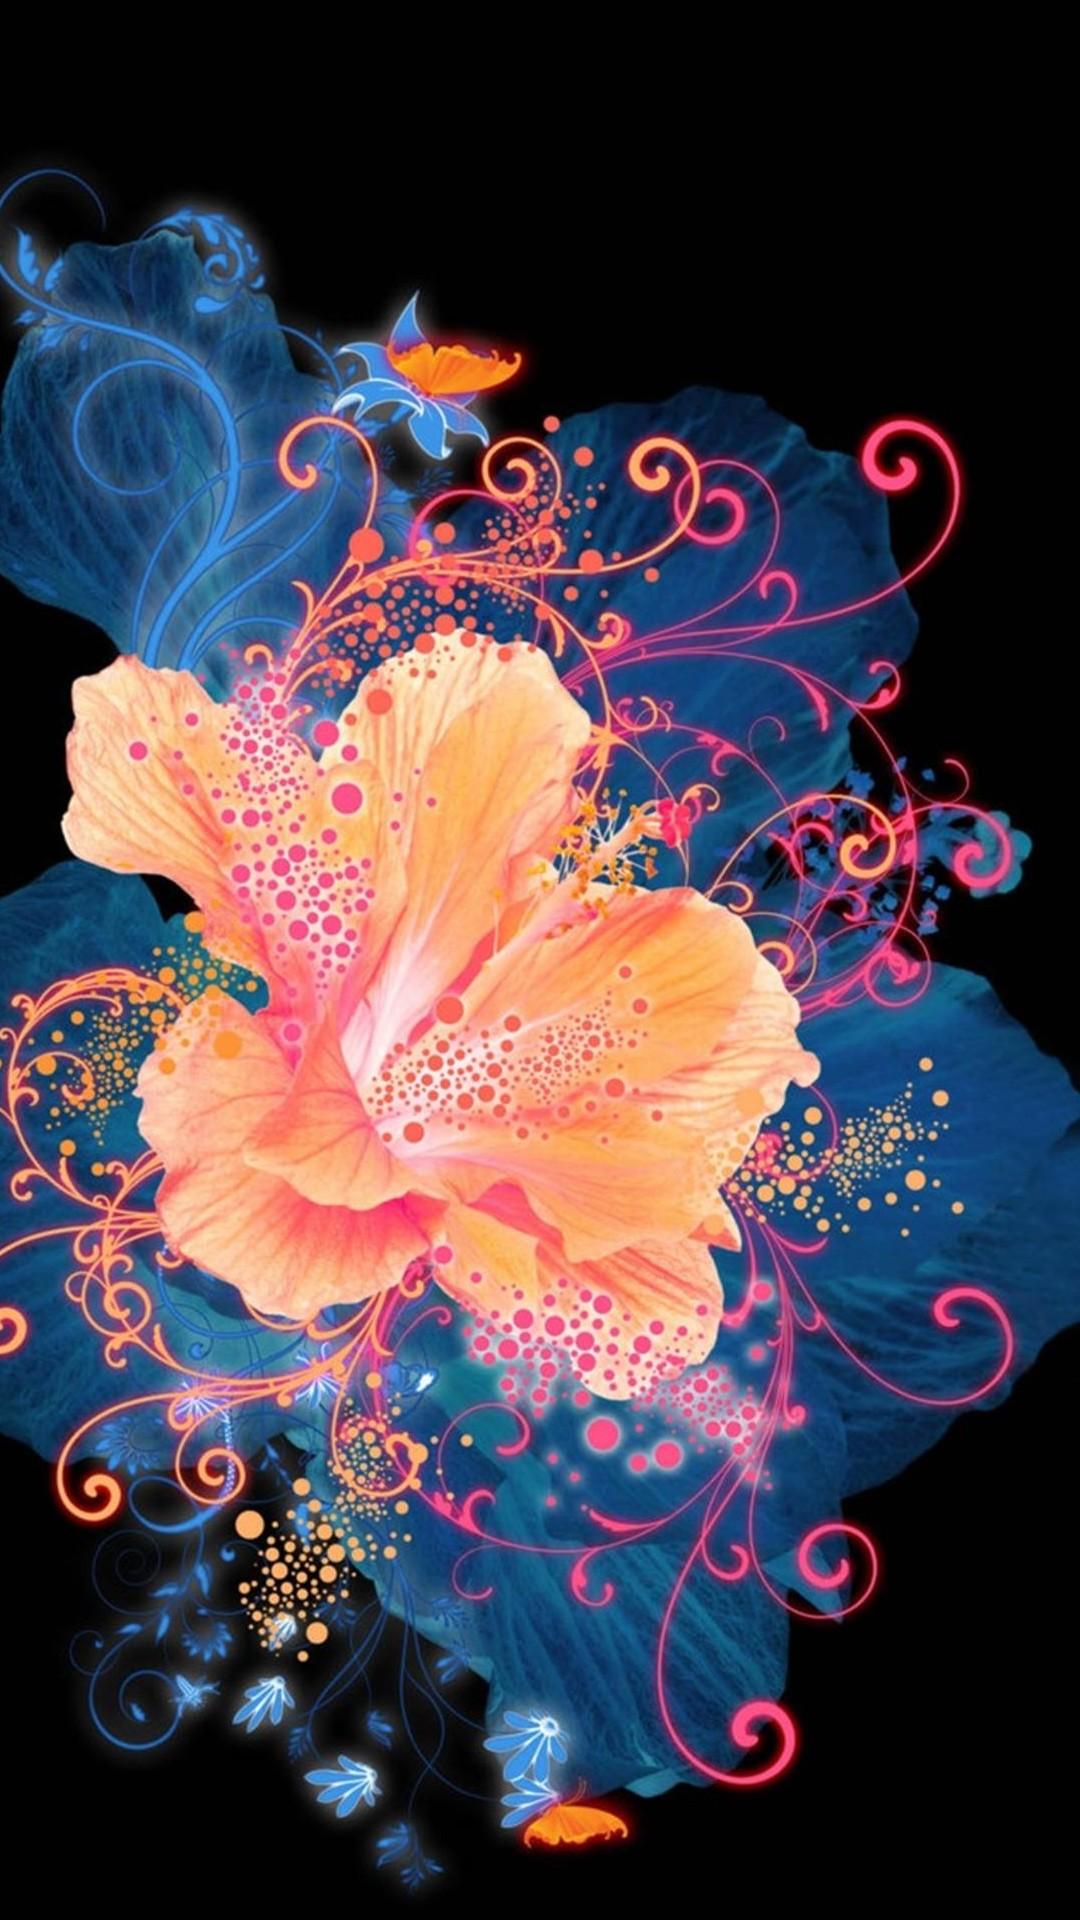 Fondo de pantalla abstracto con flor